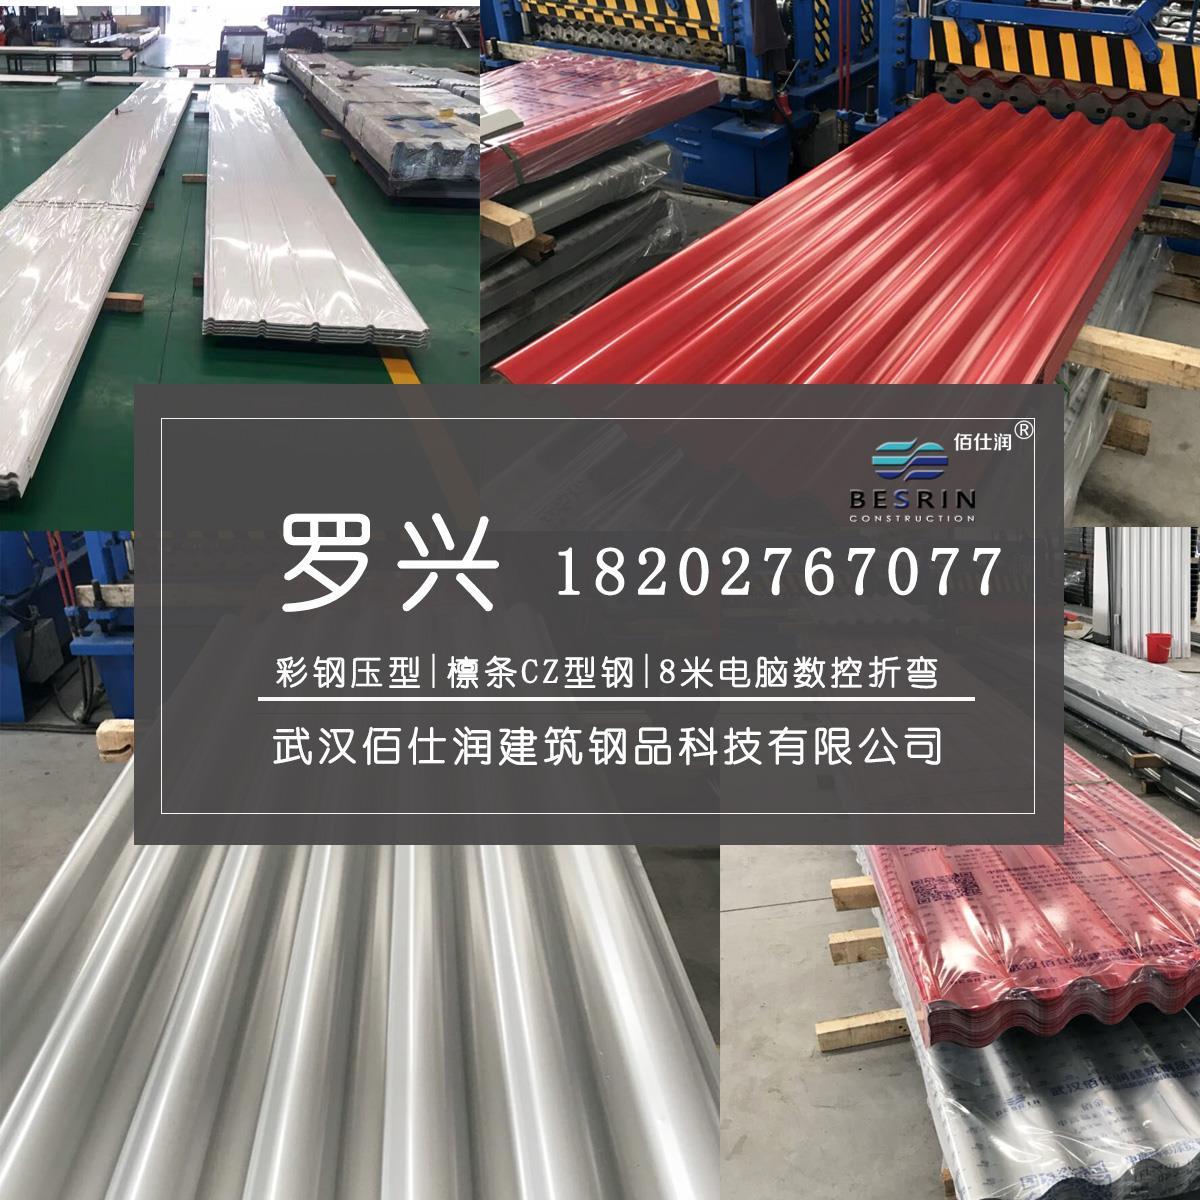 上海宝钢镀铝锌压型加工